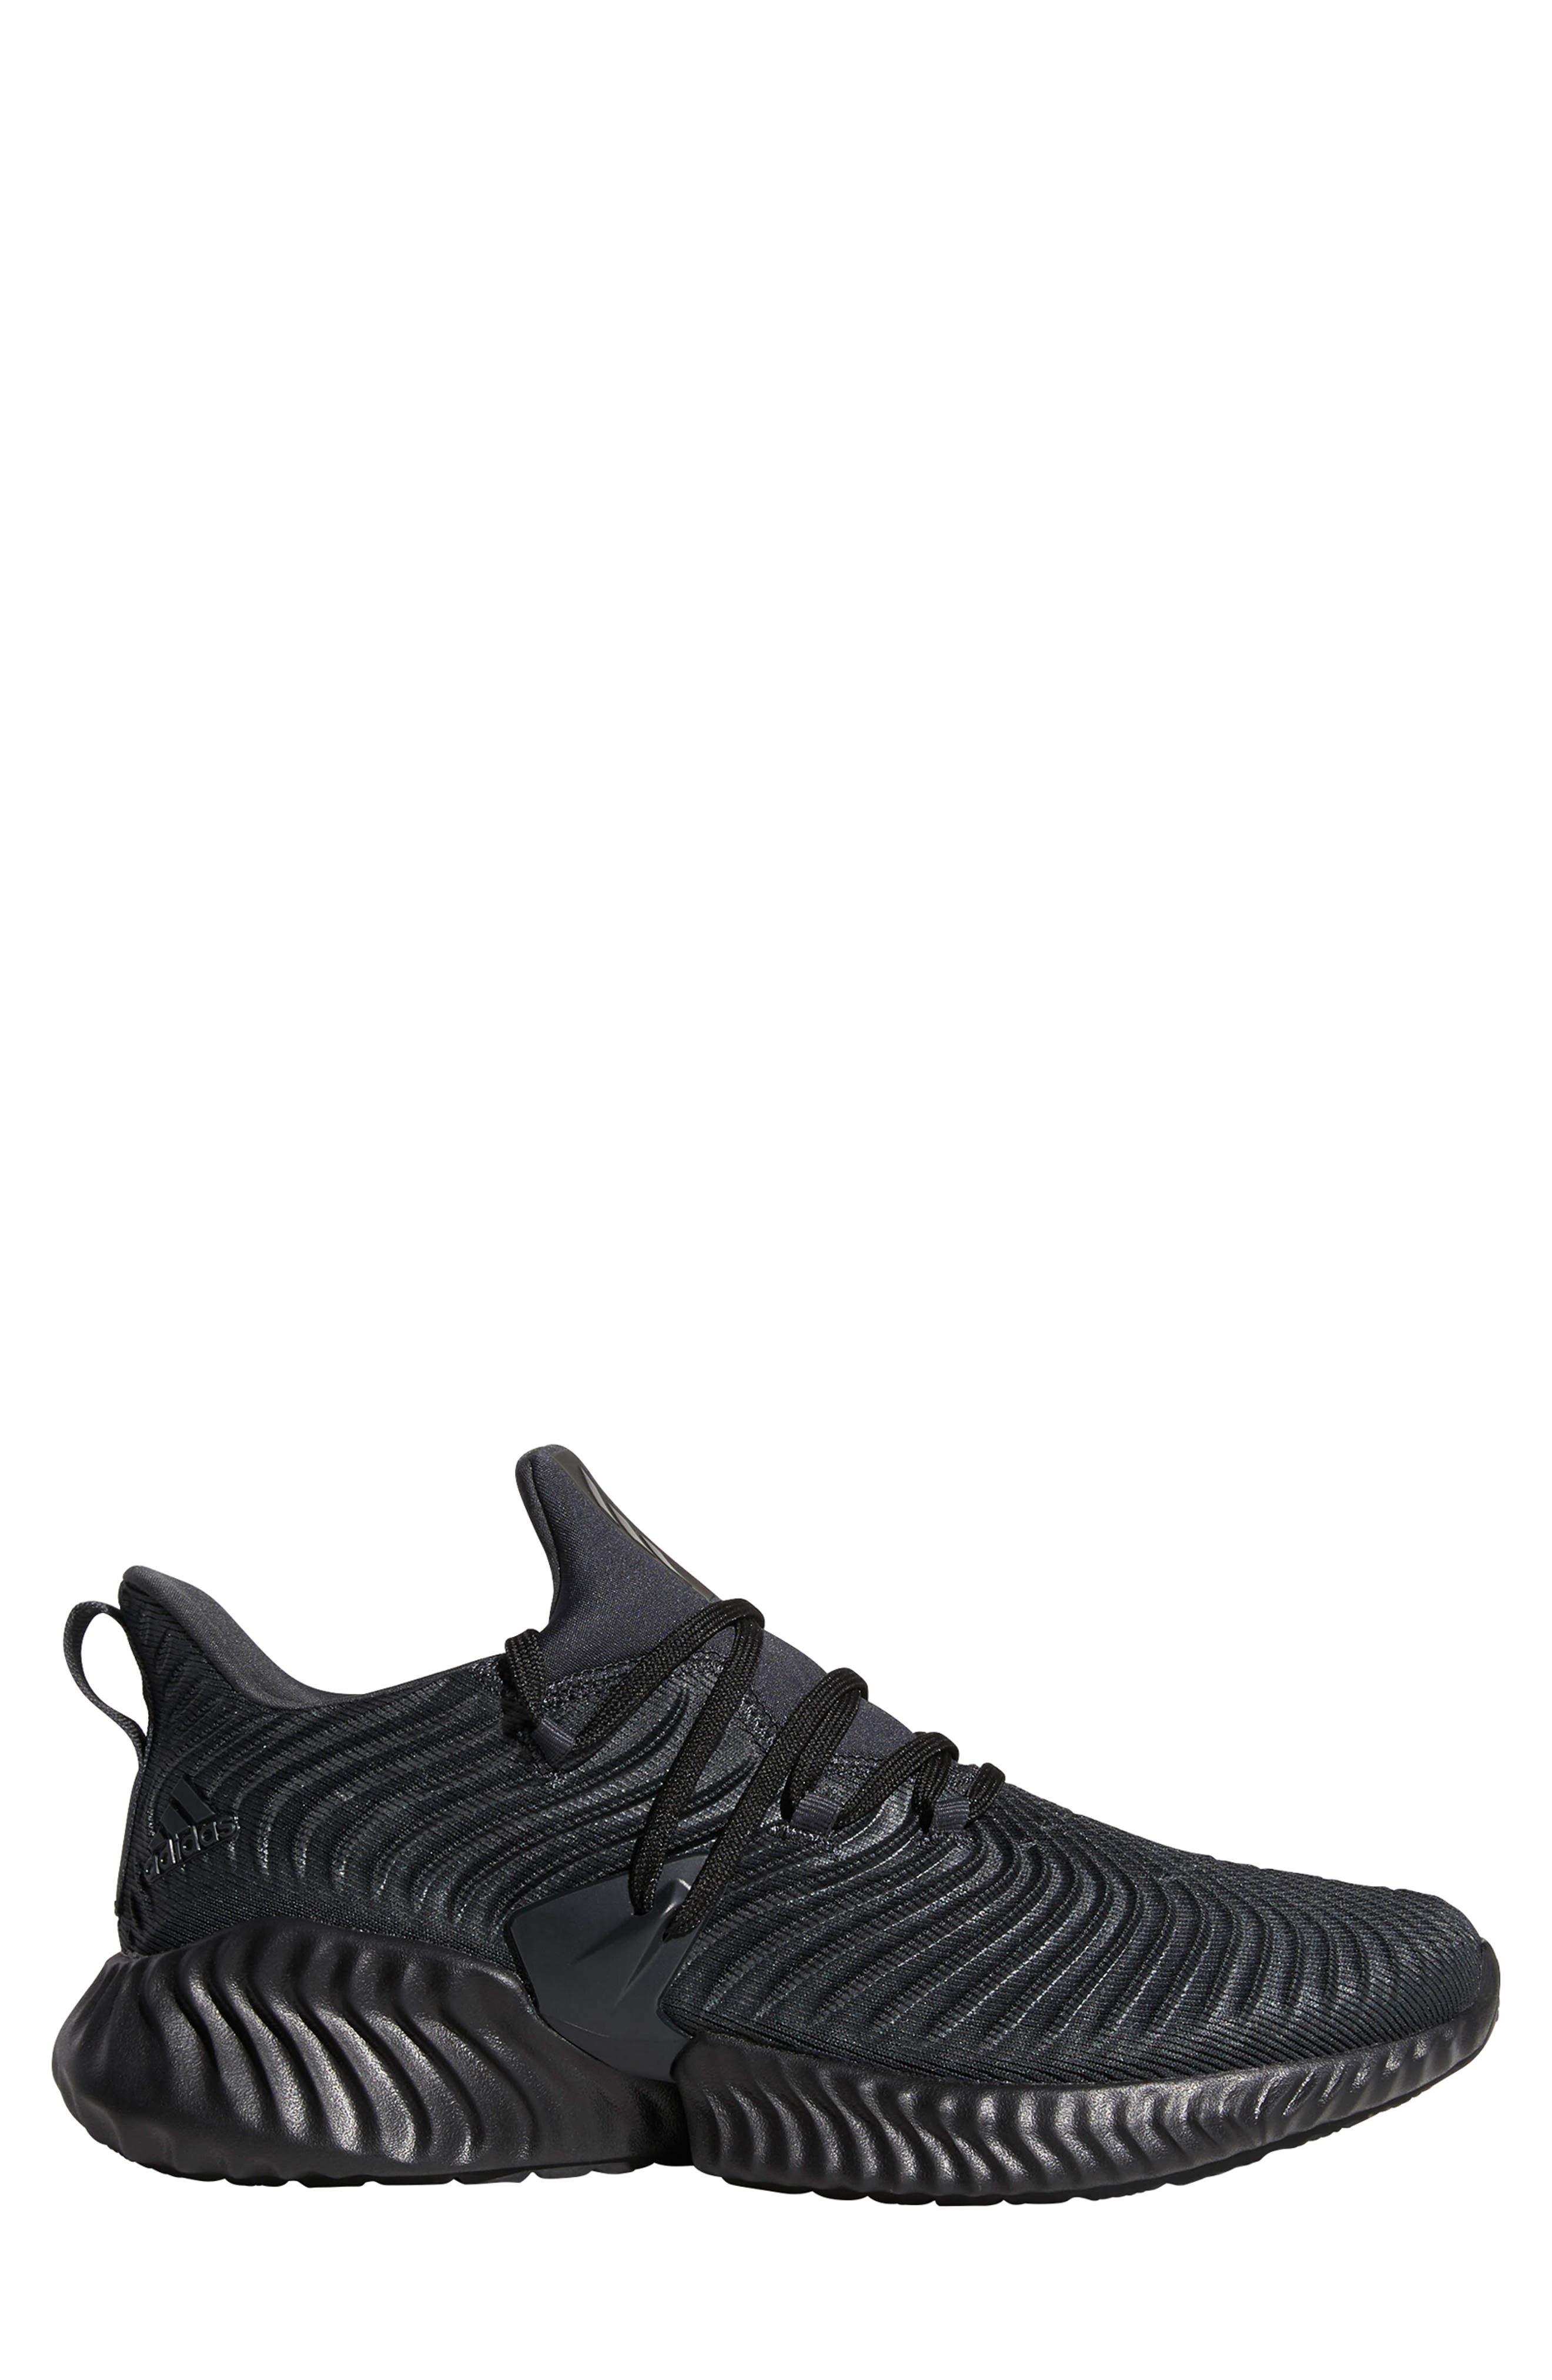 AlphaBounce Instinct Running Shoe,                         Main,                         color, CARBON / CORE BLACK / CARBON